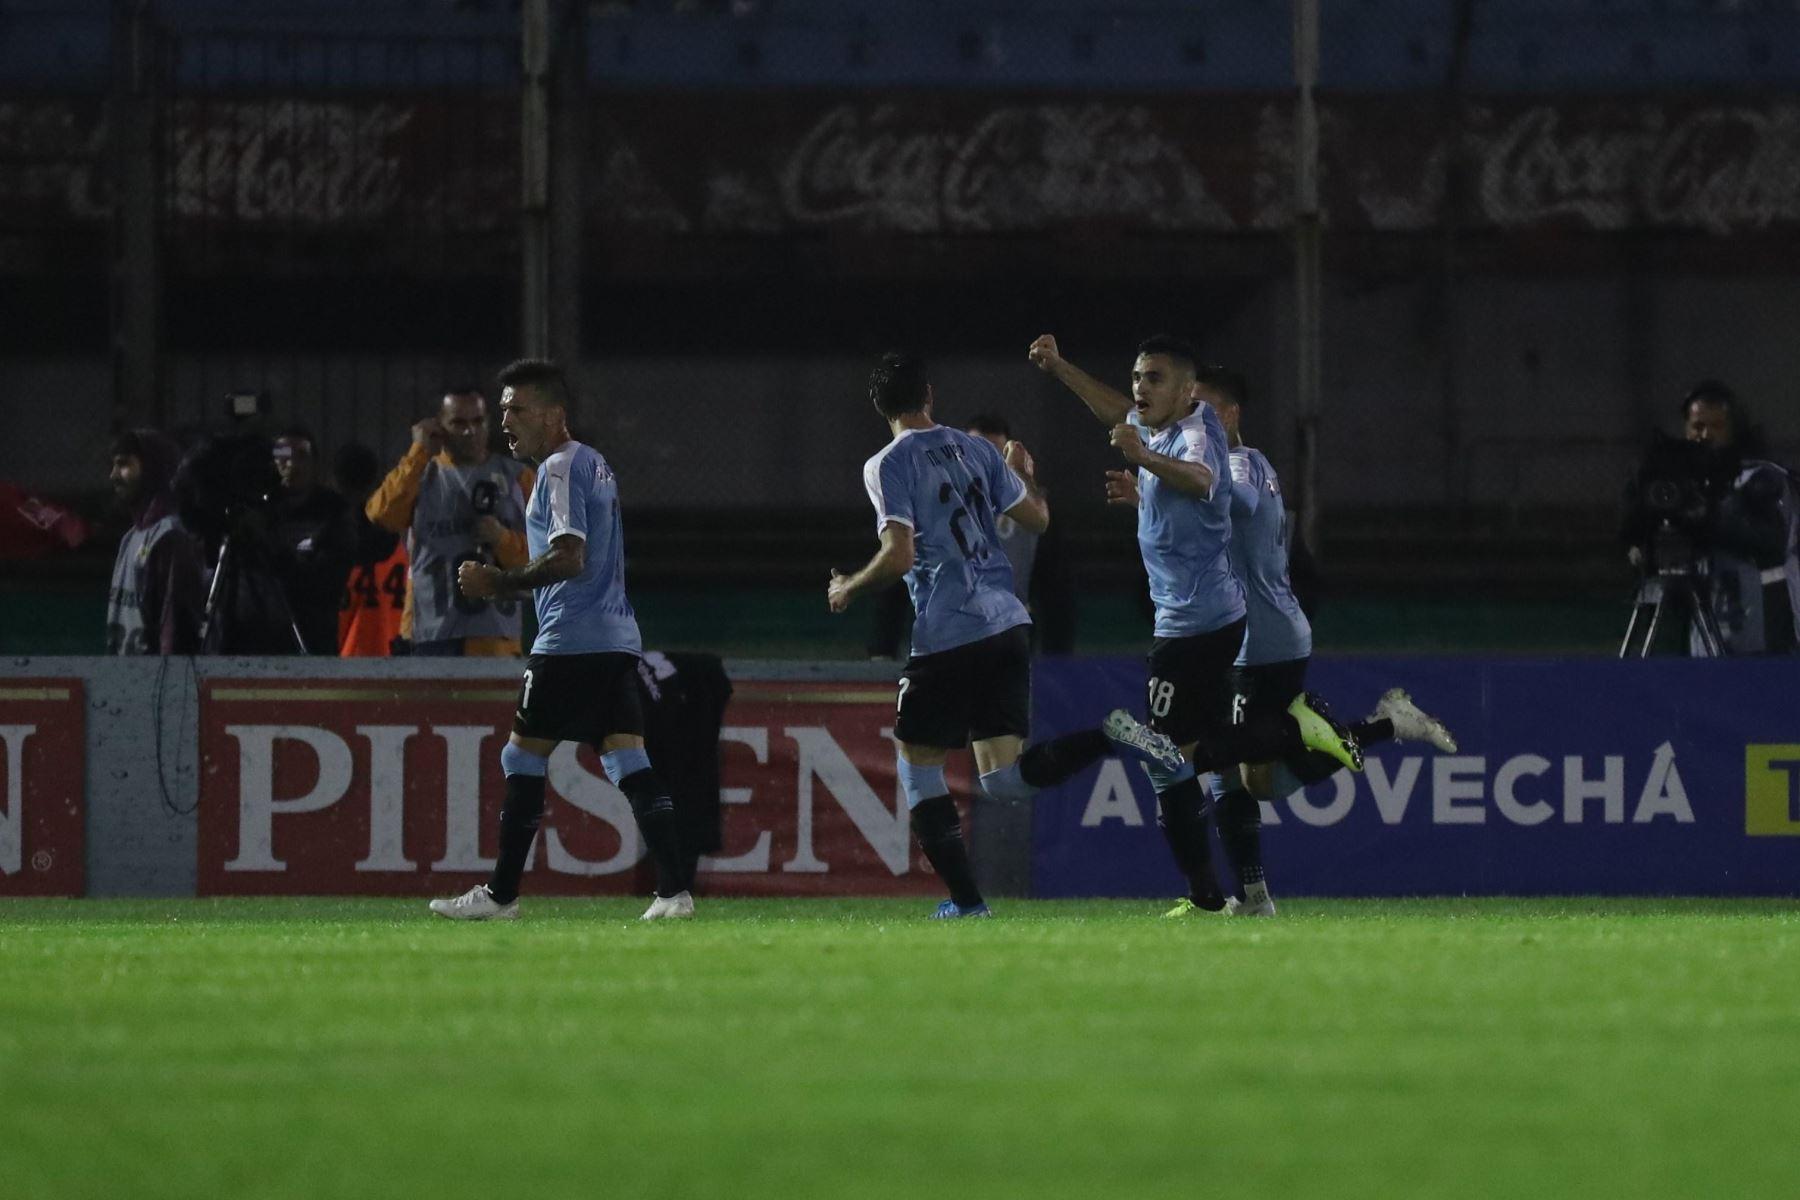 Jugadores de Uruguay celebran primer gol del encuentro. Foto: EFE